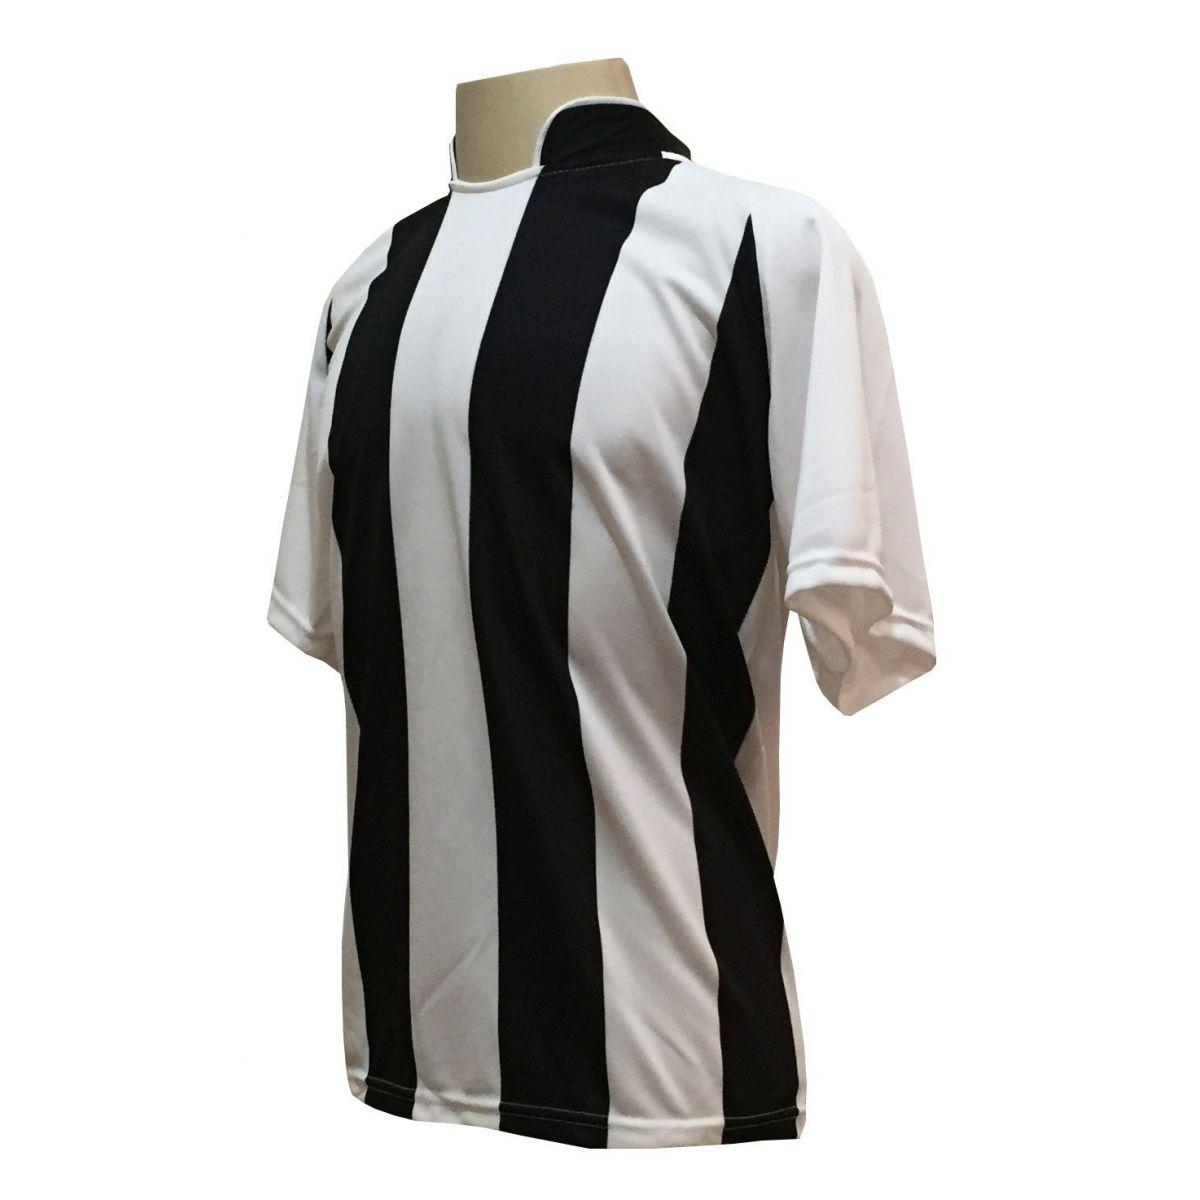 Uniforme Esportivo com 12 camisas modelo Milan Branco/Preto + 12 calções modelo Copa Preto/Branco + Brindes